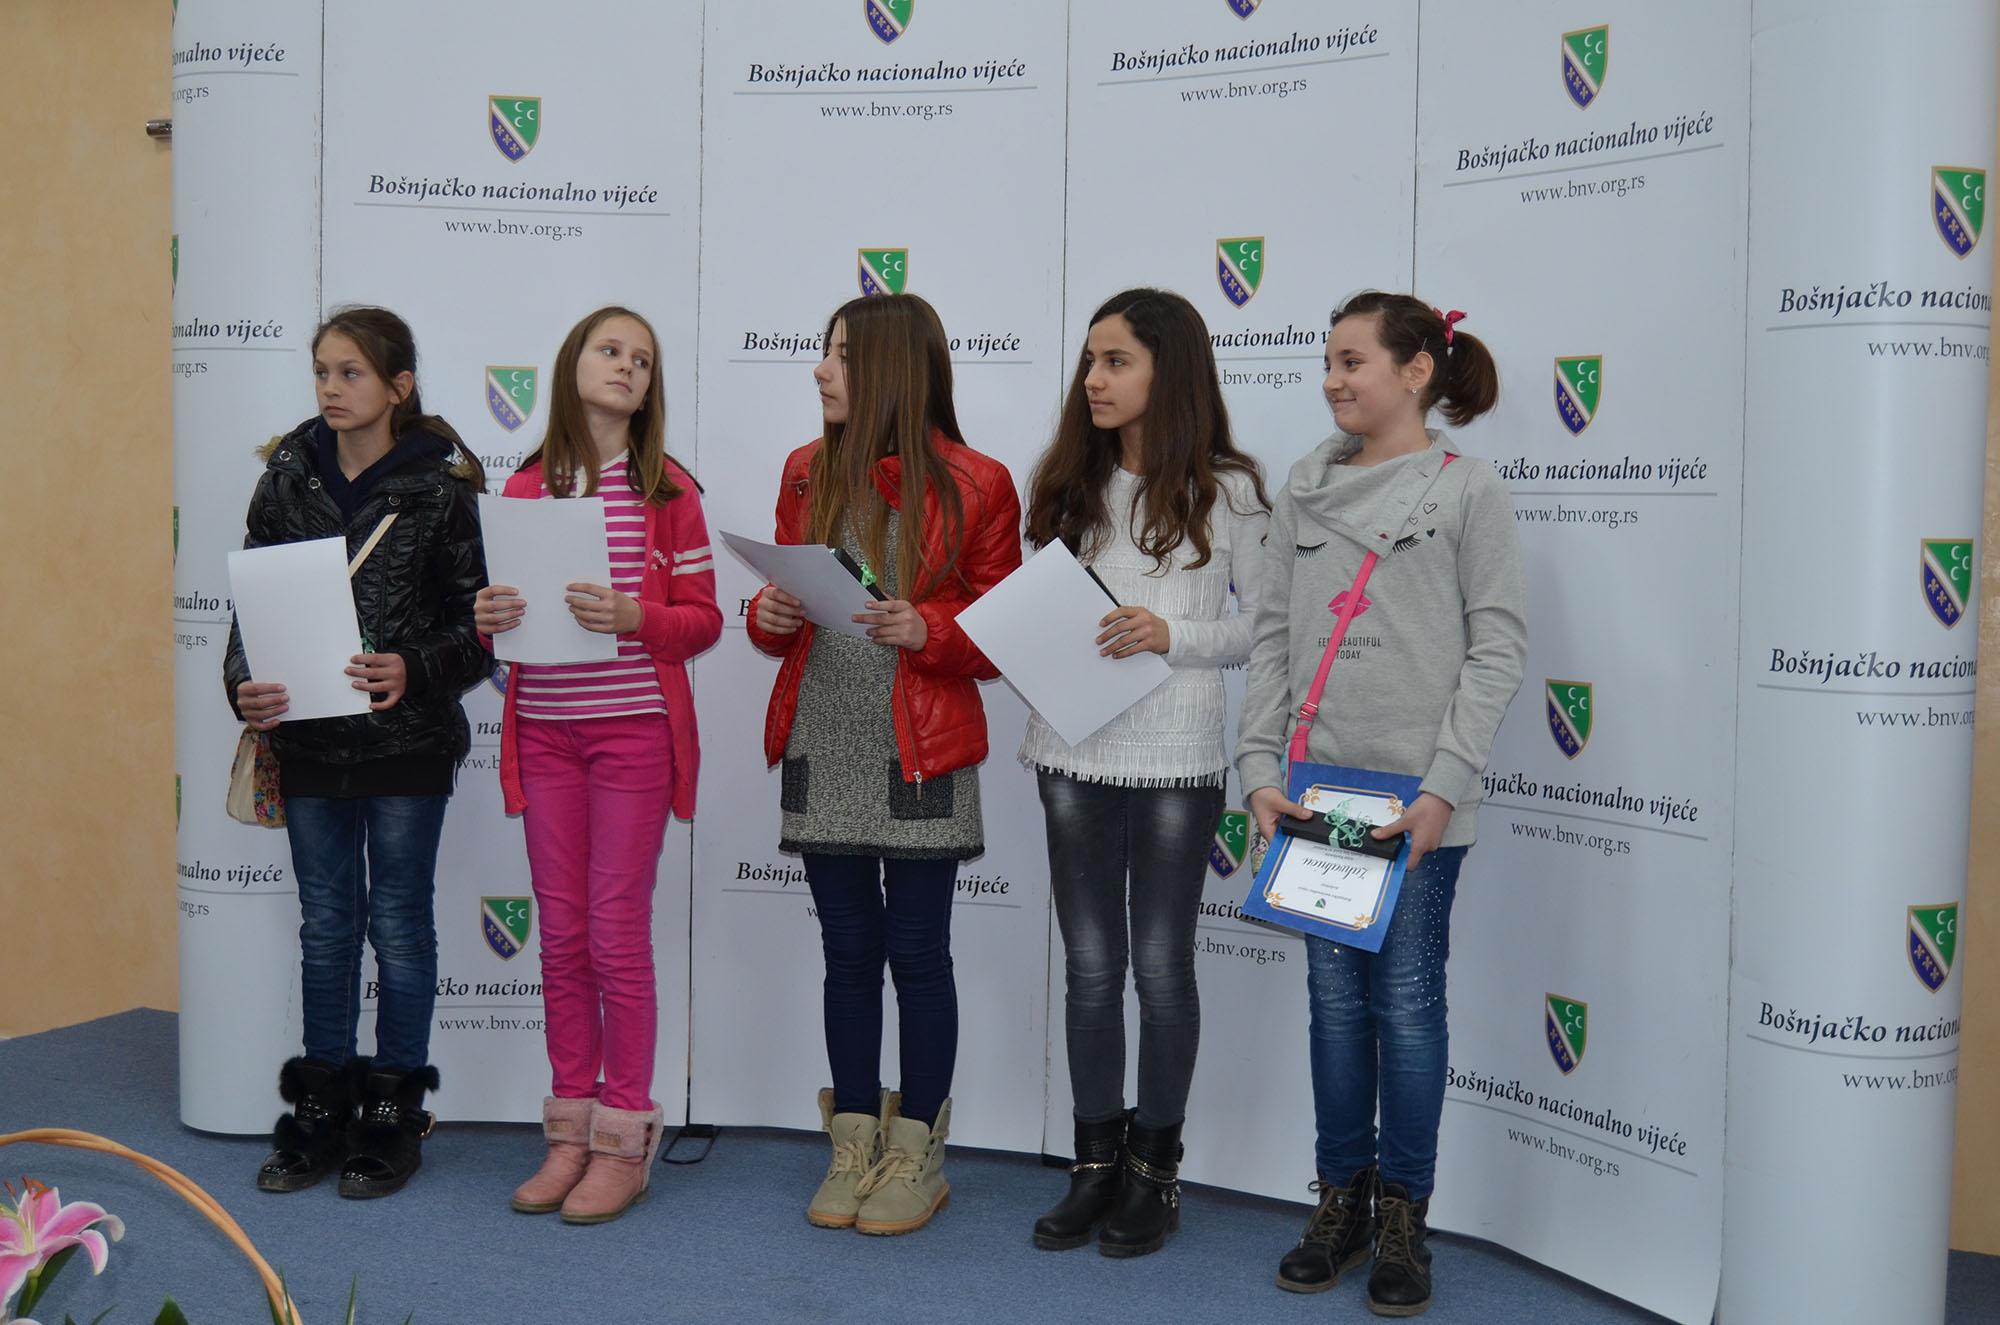 Dobitnici zahvalnica u prvoj kategoriji. Zahvalnice je uručio predsjednik žirija za literarni konkurs, Maruf Fetahović.